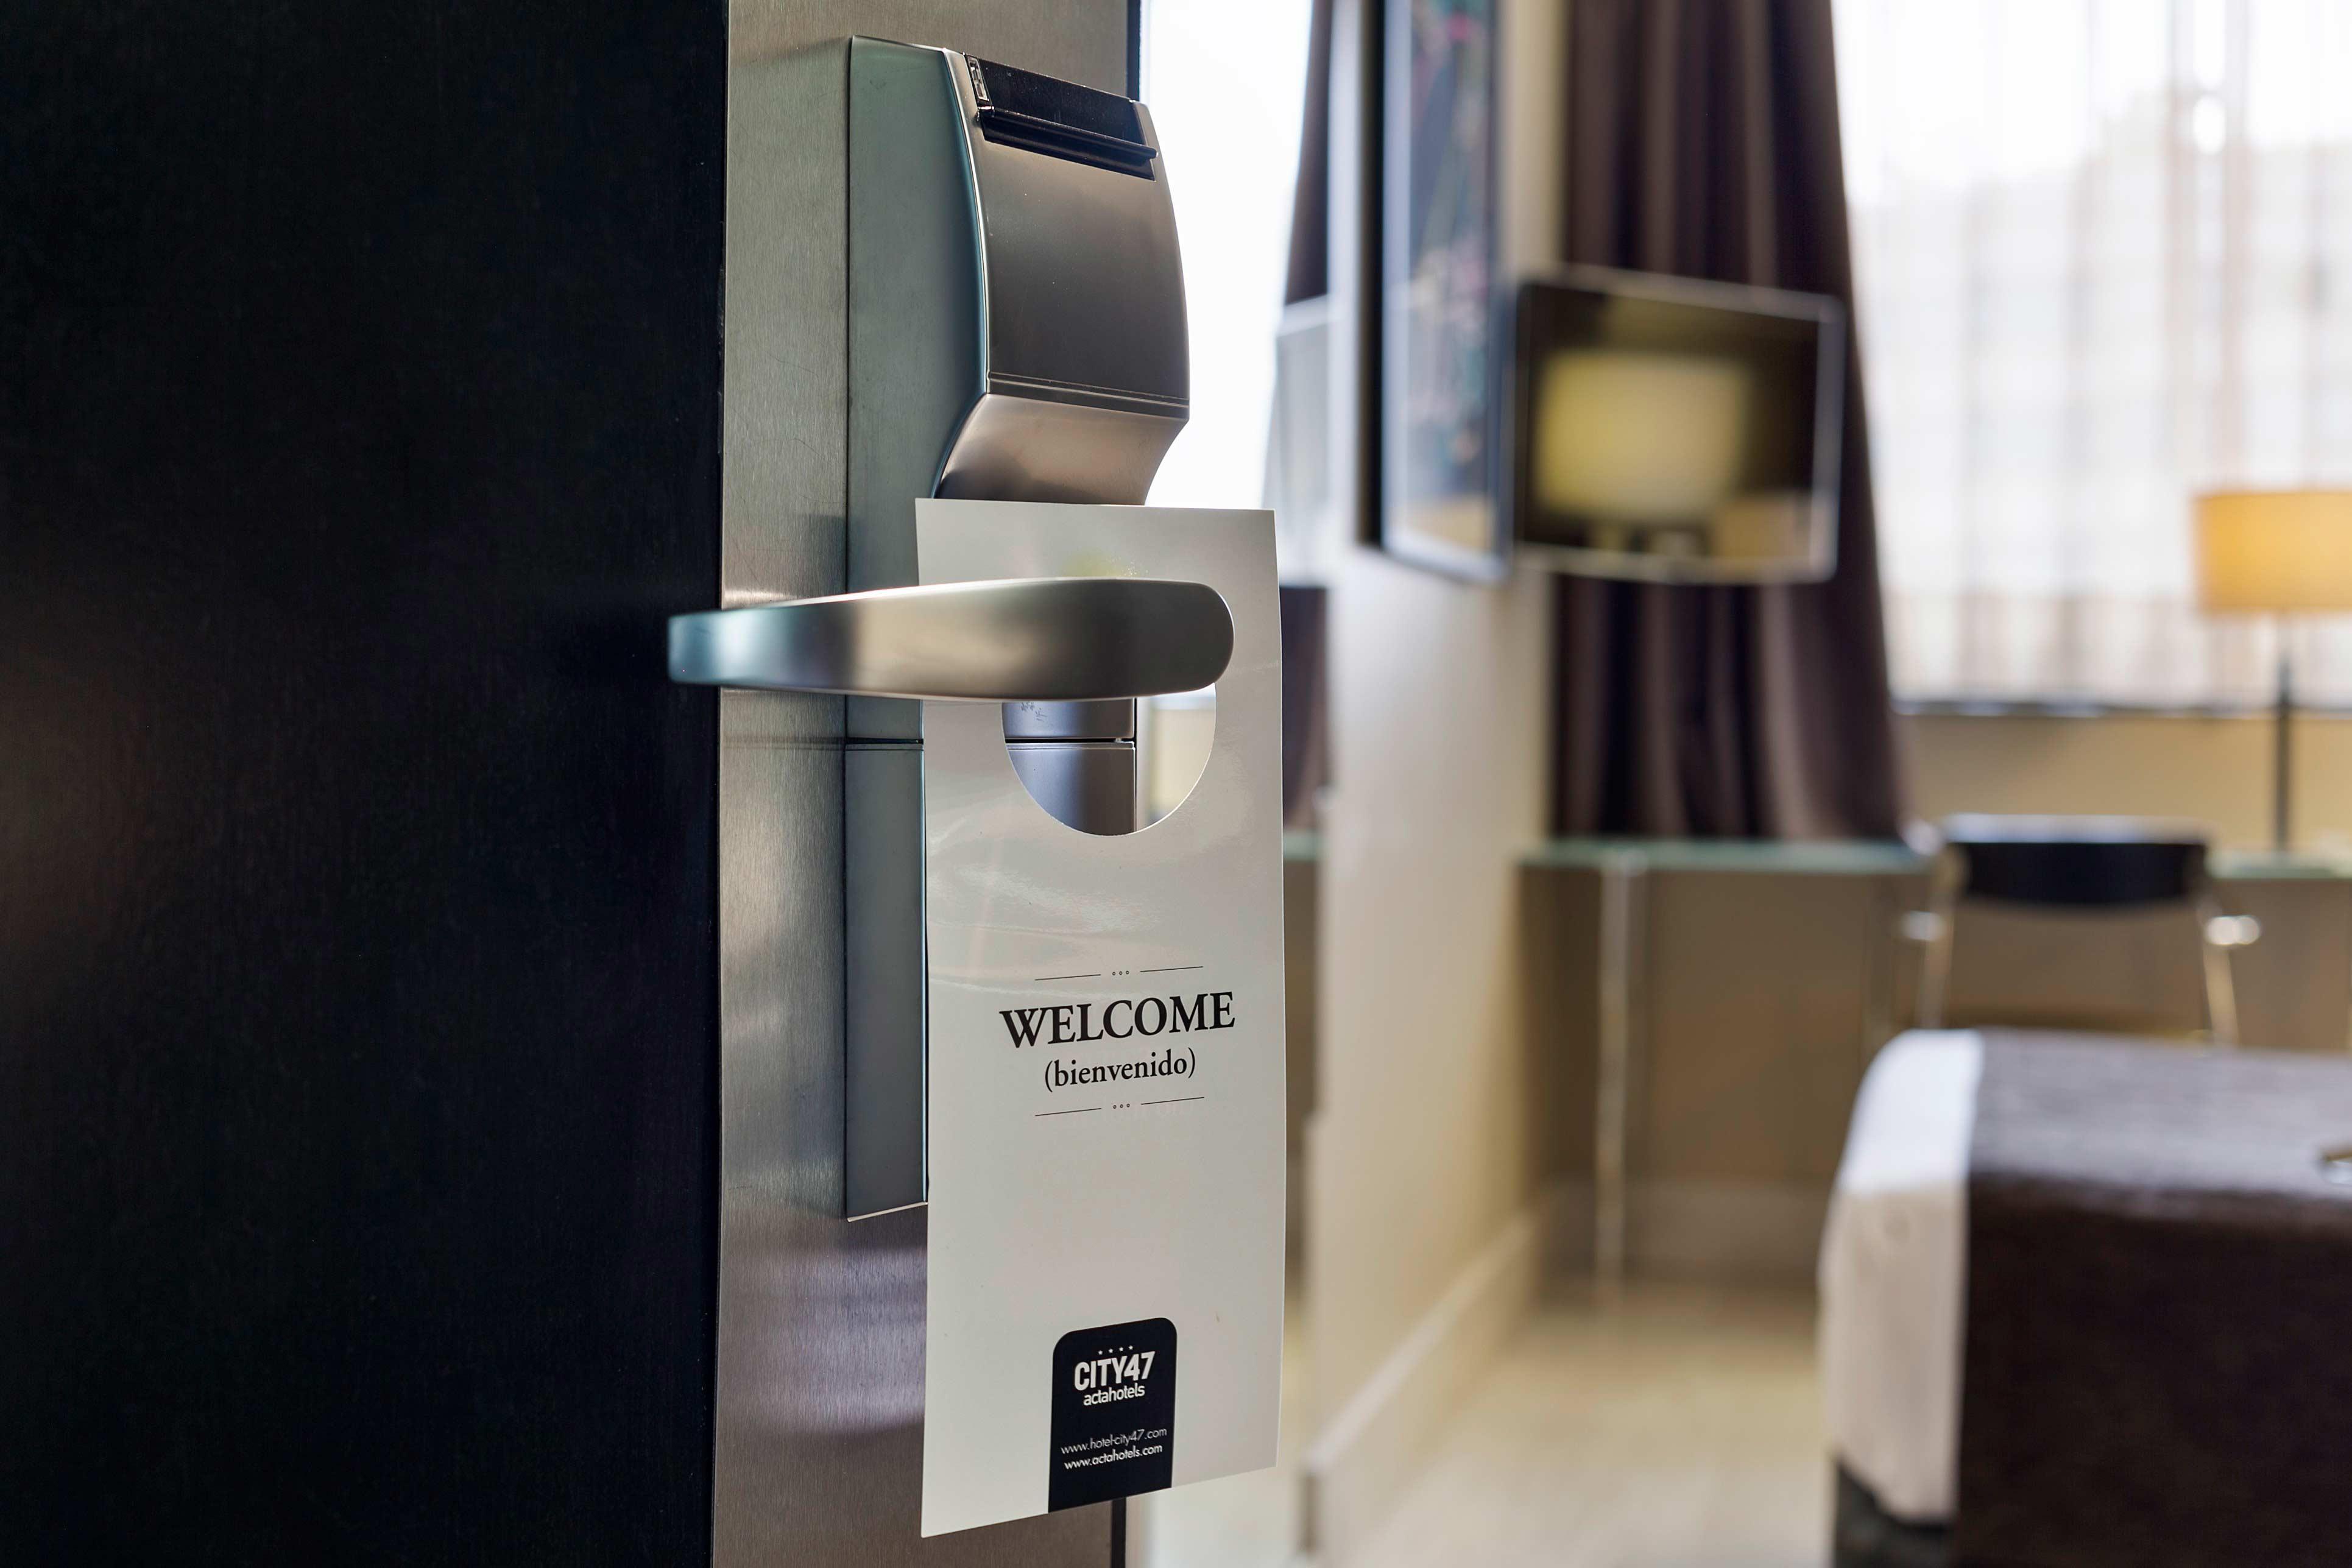 Hotel_city_detalle